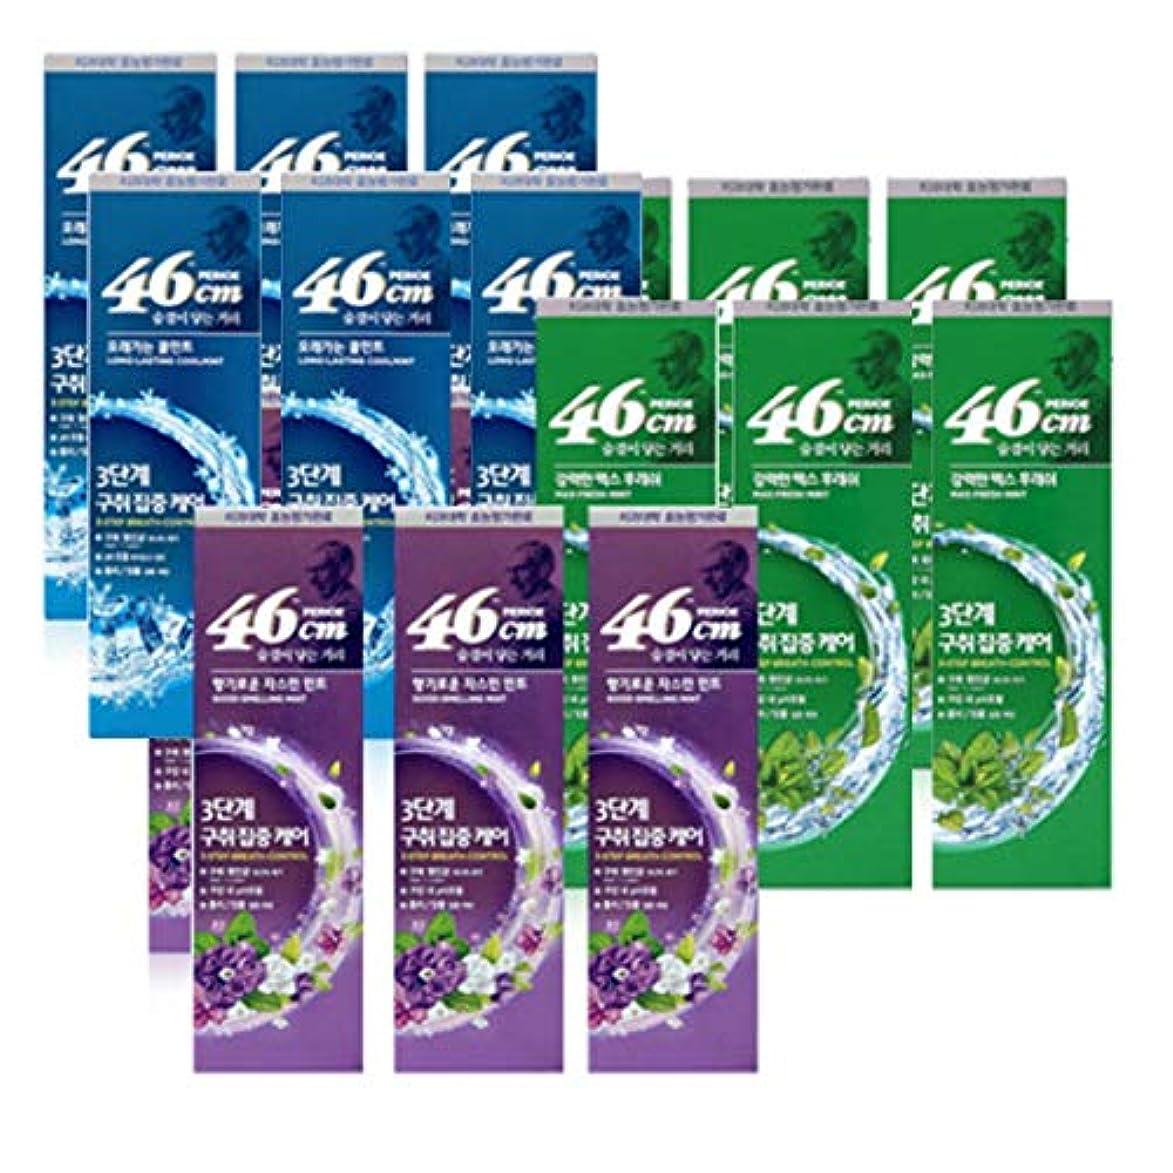 アデレード暴力配管[LG HnB] Perio 46cm toothpaste / ペリオ46cm歯磨き粉 100gx18個(海外直送品)